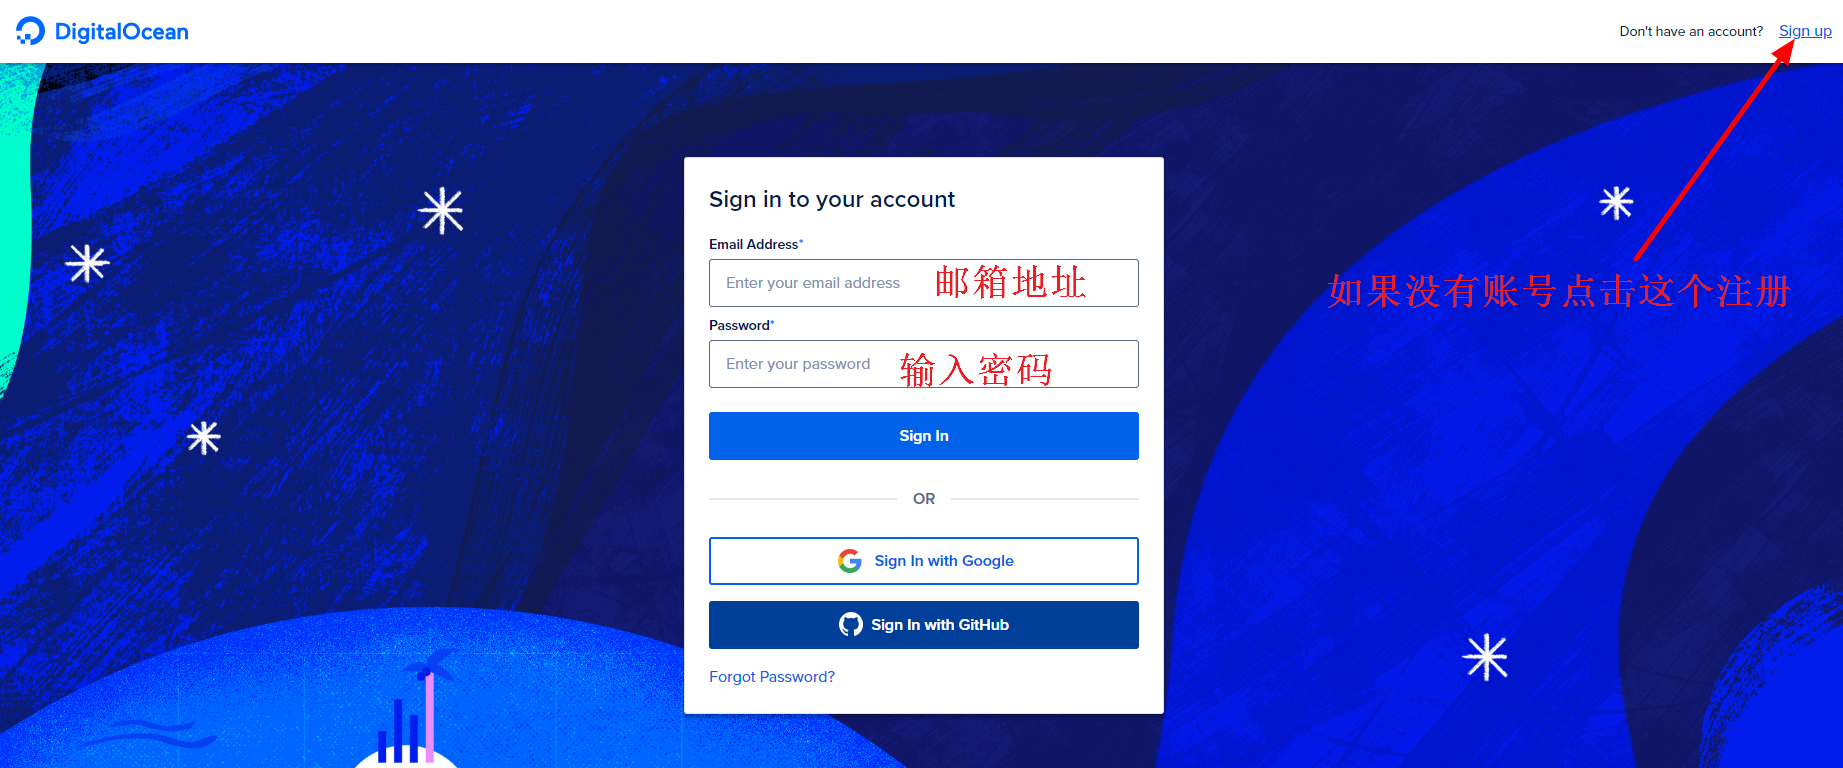 DigitalOcean账号注册